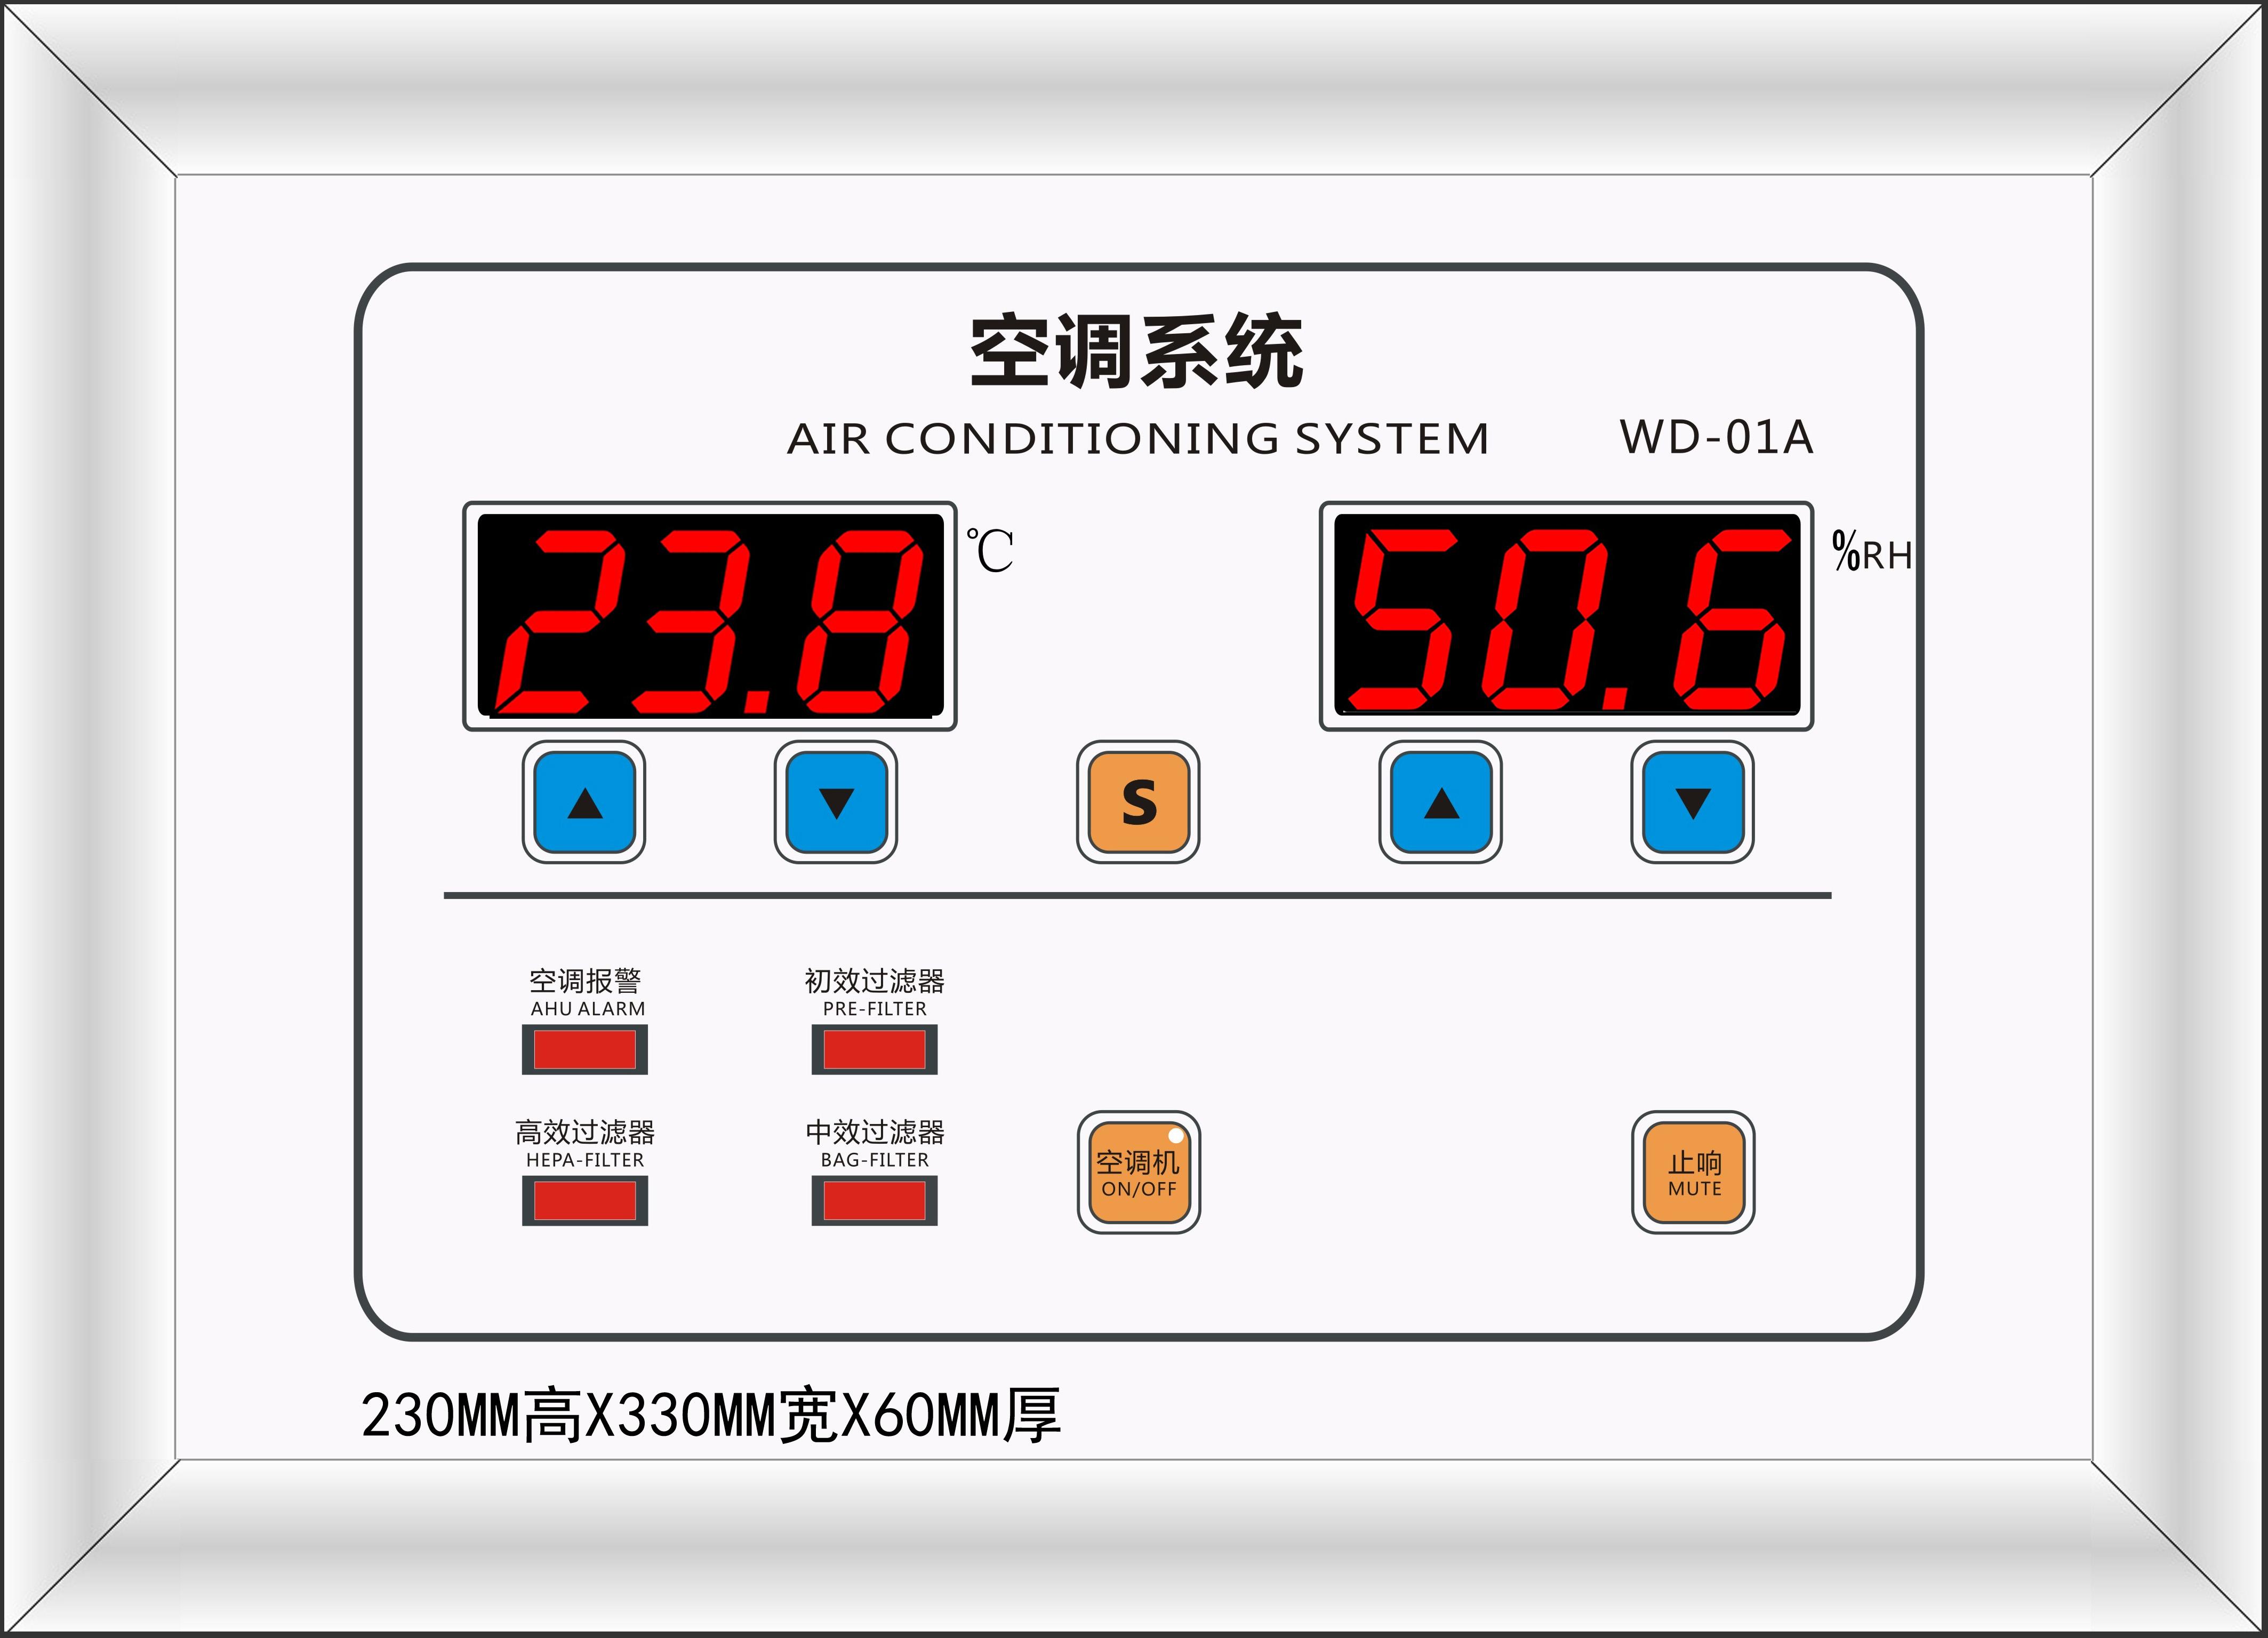 产品特点: 1、 针对洁净手术室研发的操作面板以16位微处理器为核心进行设计,将操作面板各功能单元有机的集成一体; 2、多通信口设计使某一操作面板可同时与控制器和其它面板进行通信; 3、同时具备硬接与通讯两种接口,可根据现在实际需要随时更改; 4、标准MODBUS通讯协议;面板与控制系统之间只需一条通讯线,节约布线成本; 5、进口PC面板,专业美工设计,美观大方。 产品功能: 空调系统